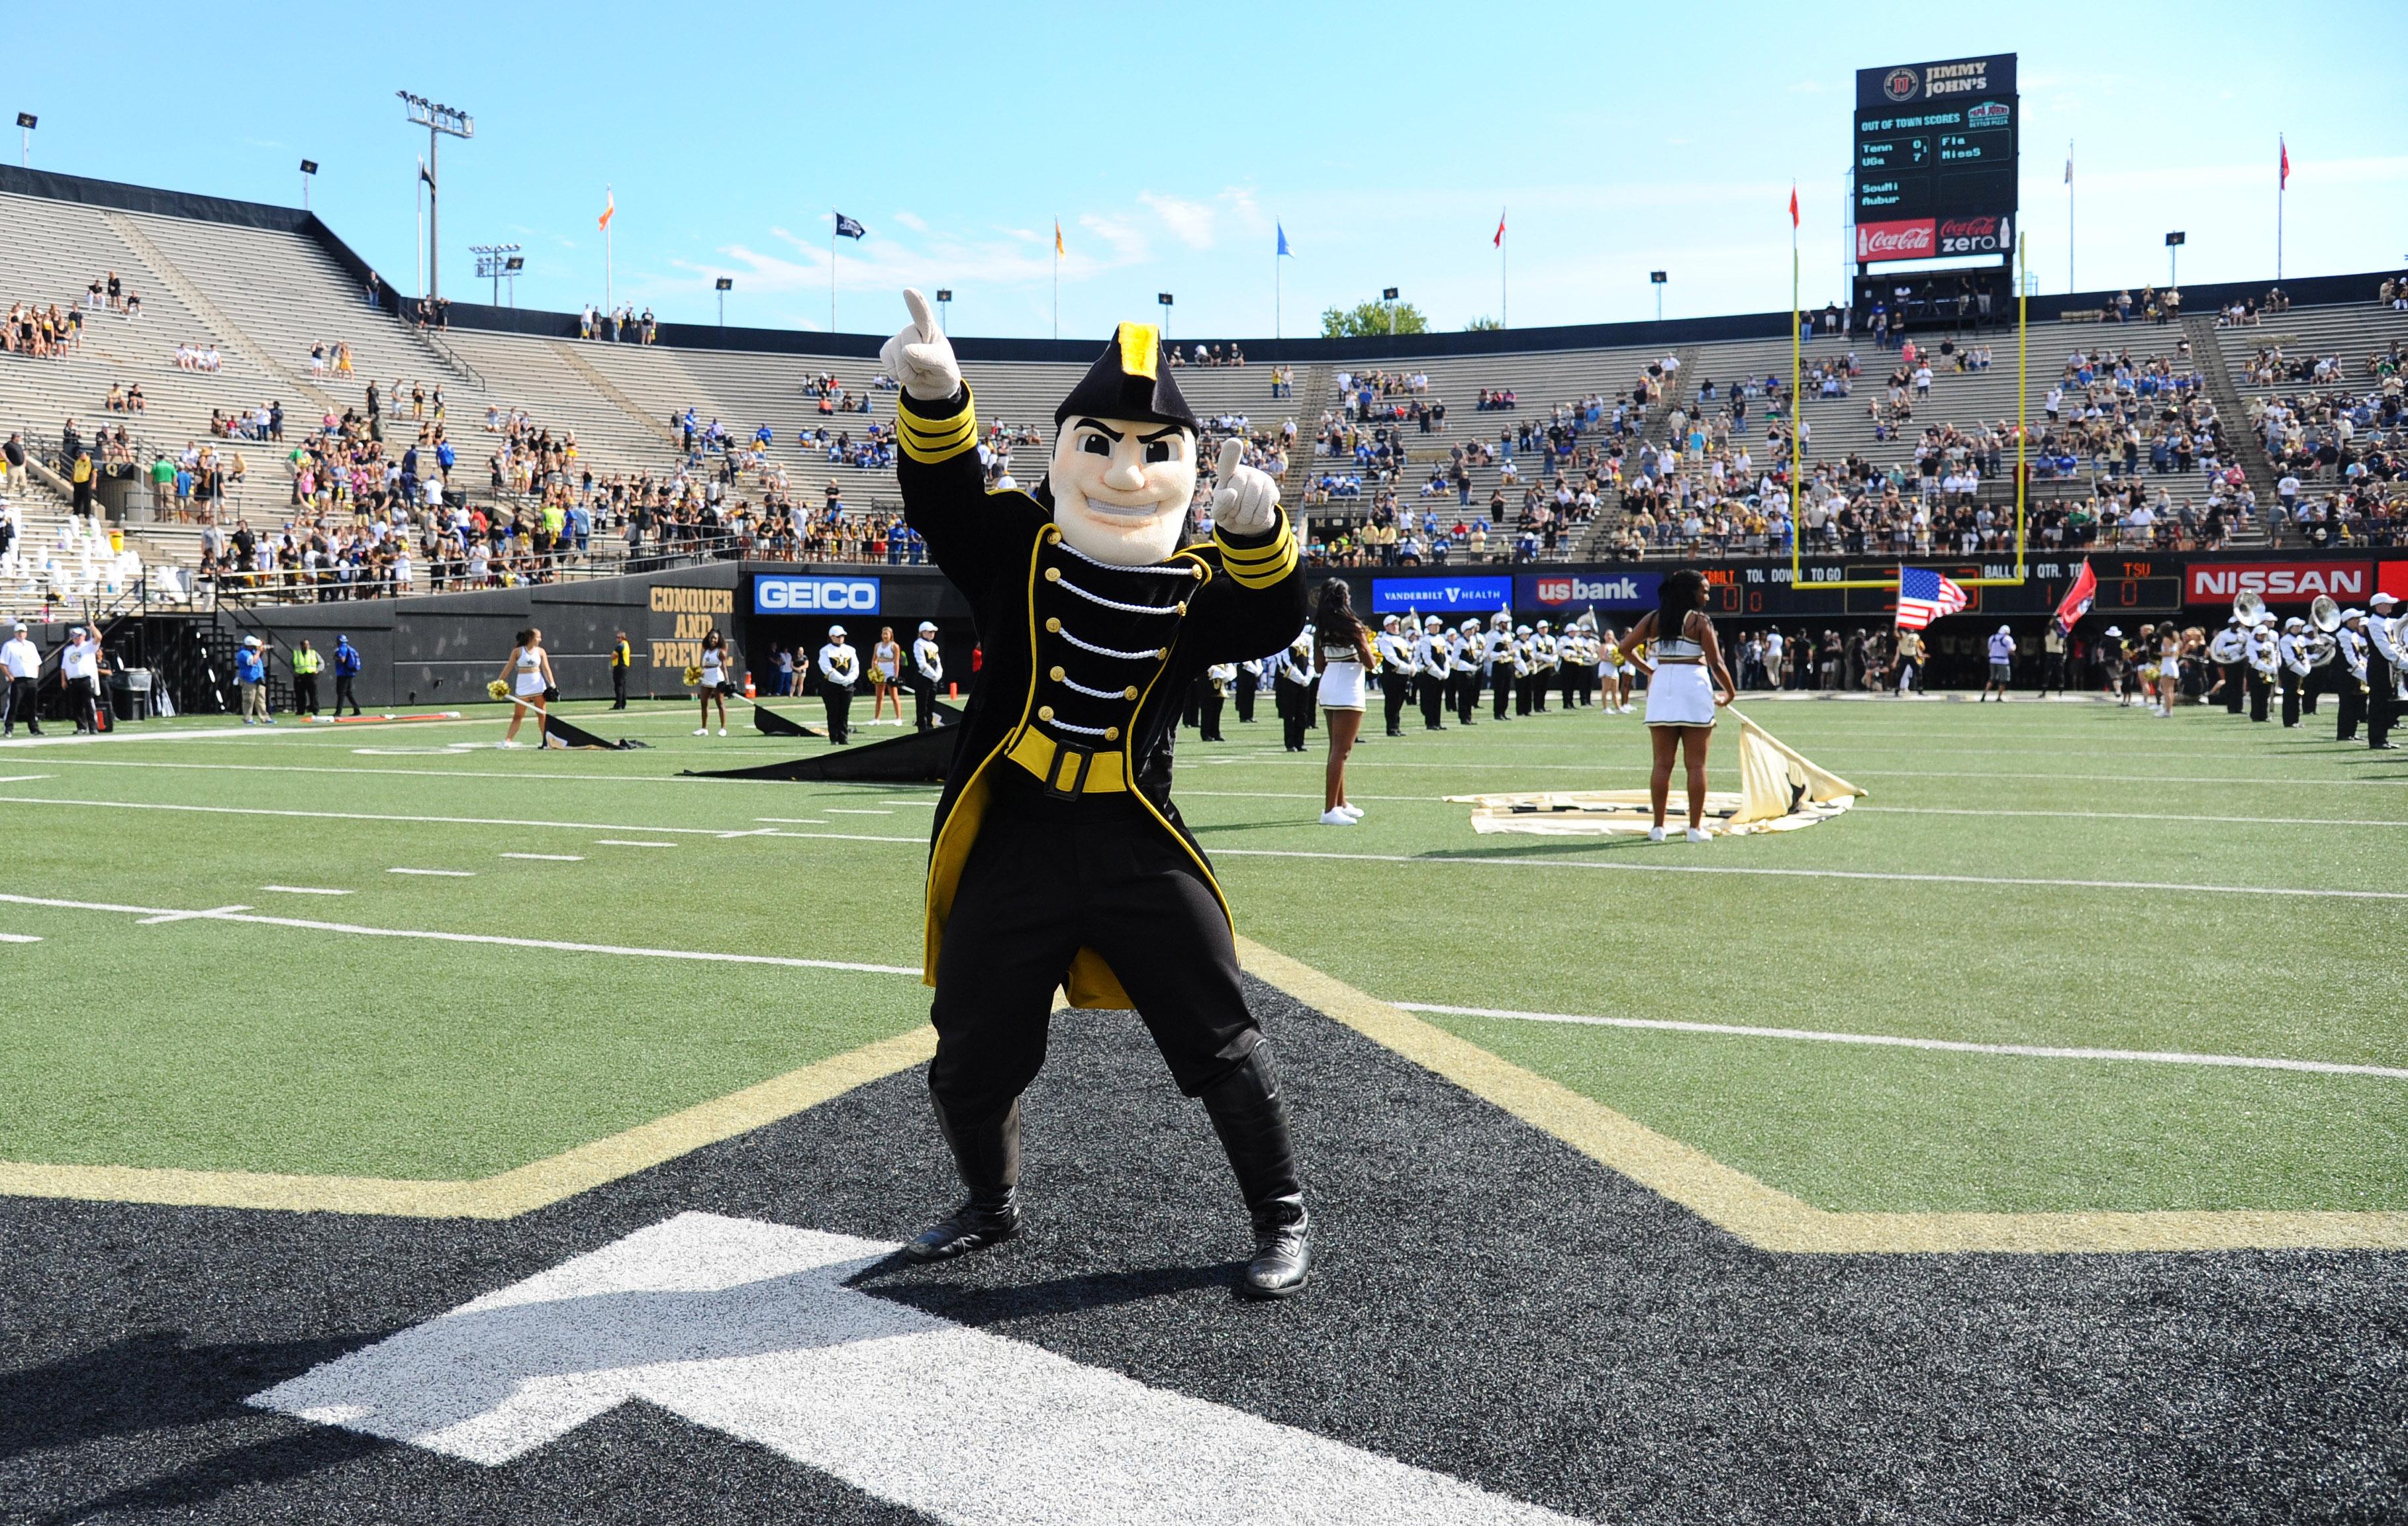 NCAA Football: Tennessee State at Vanderbilt